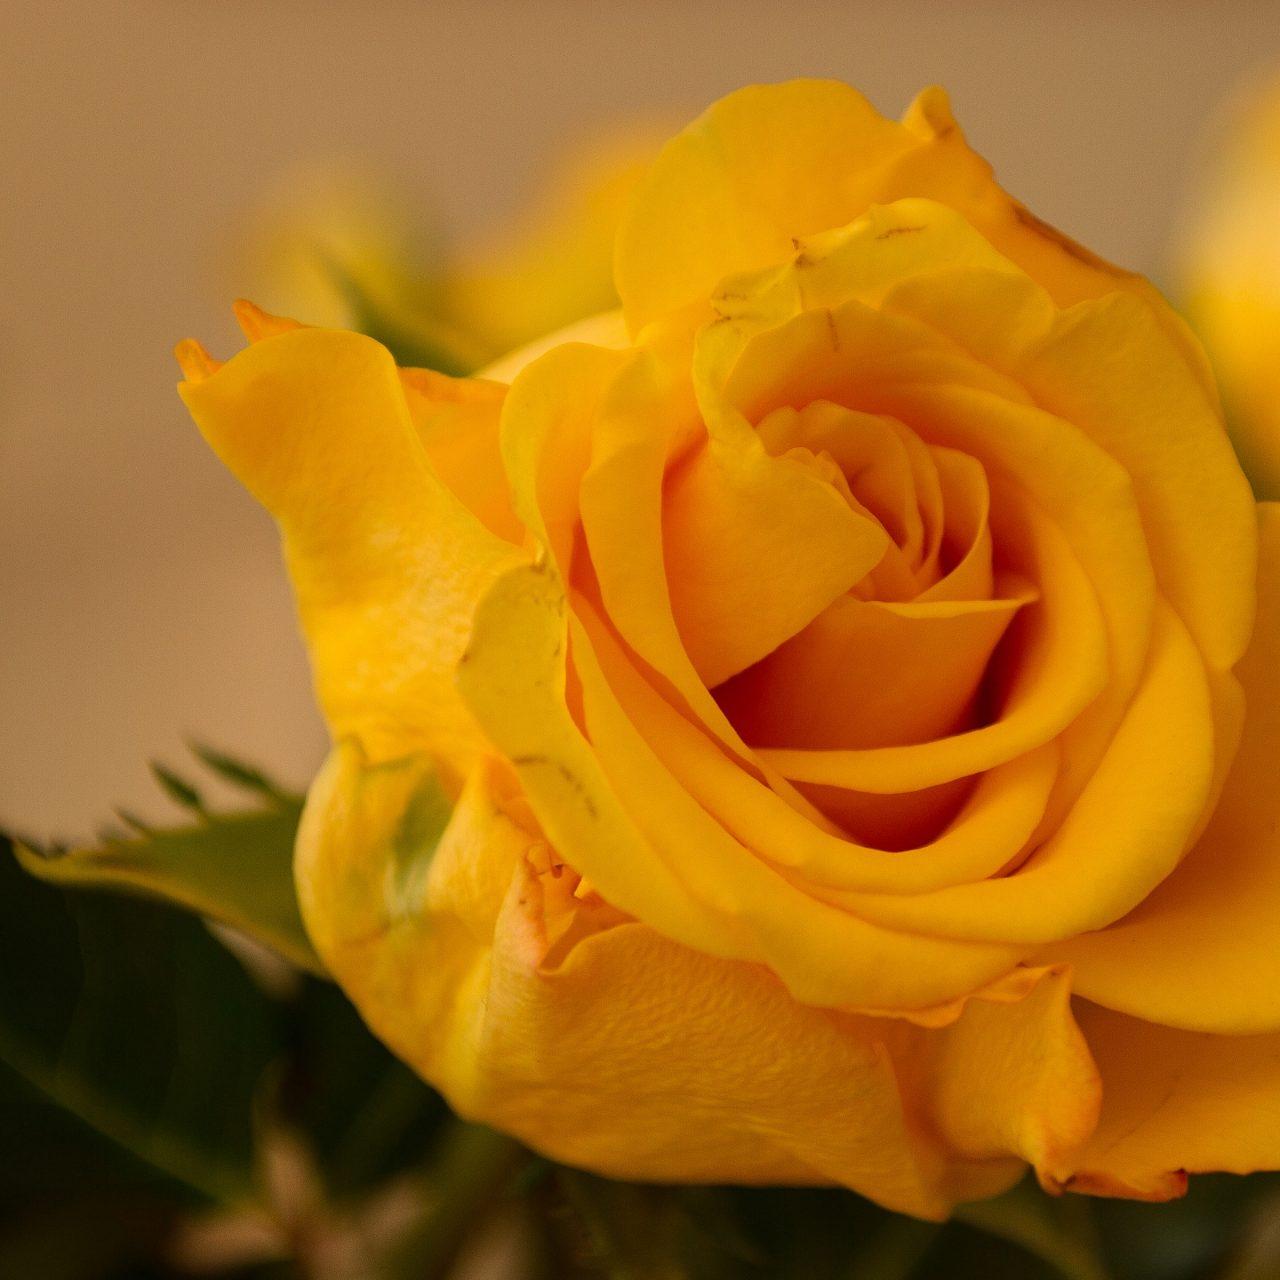 صورة احلى صور ورد , الورد يسعد القلوب ويعبر عنها